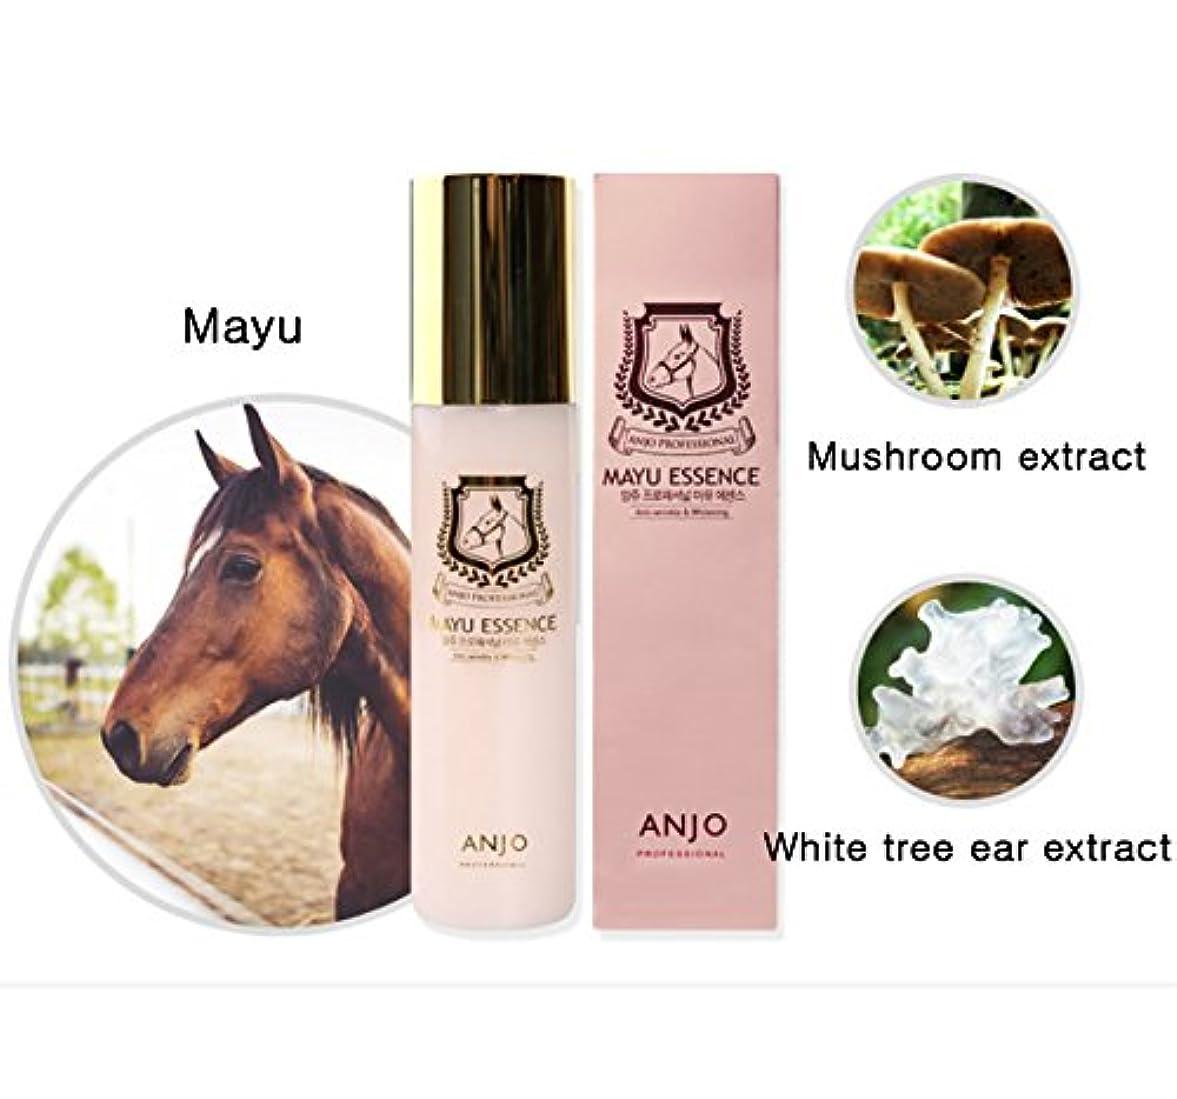 敵対的前熟練した[ANJO] 済州ホースオイルエッセンス150ml /ホワイトニング、保湿、スキンケア / Jeju Horse Oil Essence 150ml / Whitening, Moisturizing, Skin improvement / 韓国化粧品 / Korean cosmetics [並行輸入品]